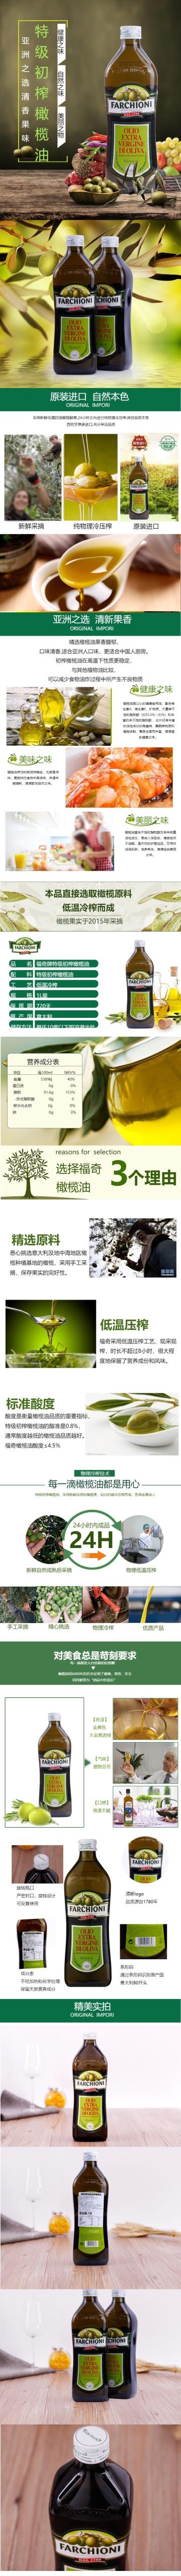 清新自然百货零售粮油副食橄榄油促销电商详情页